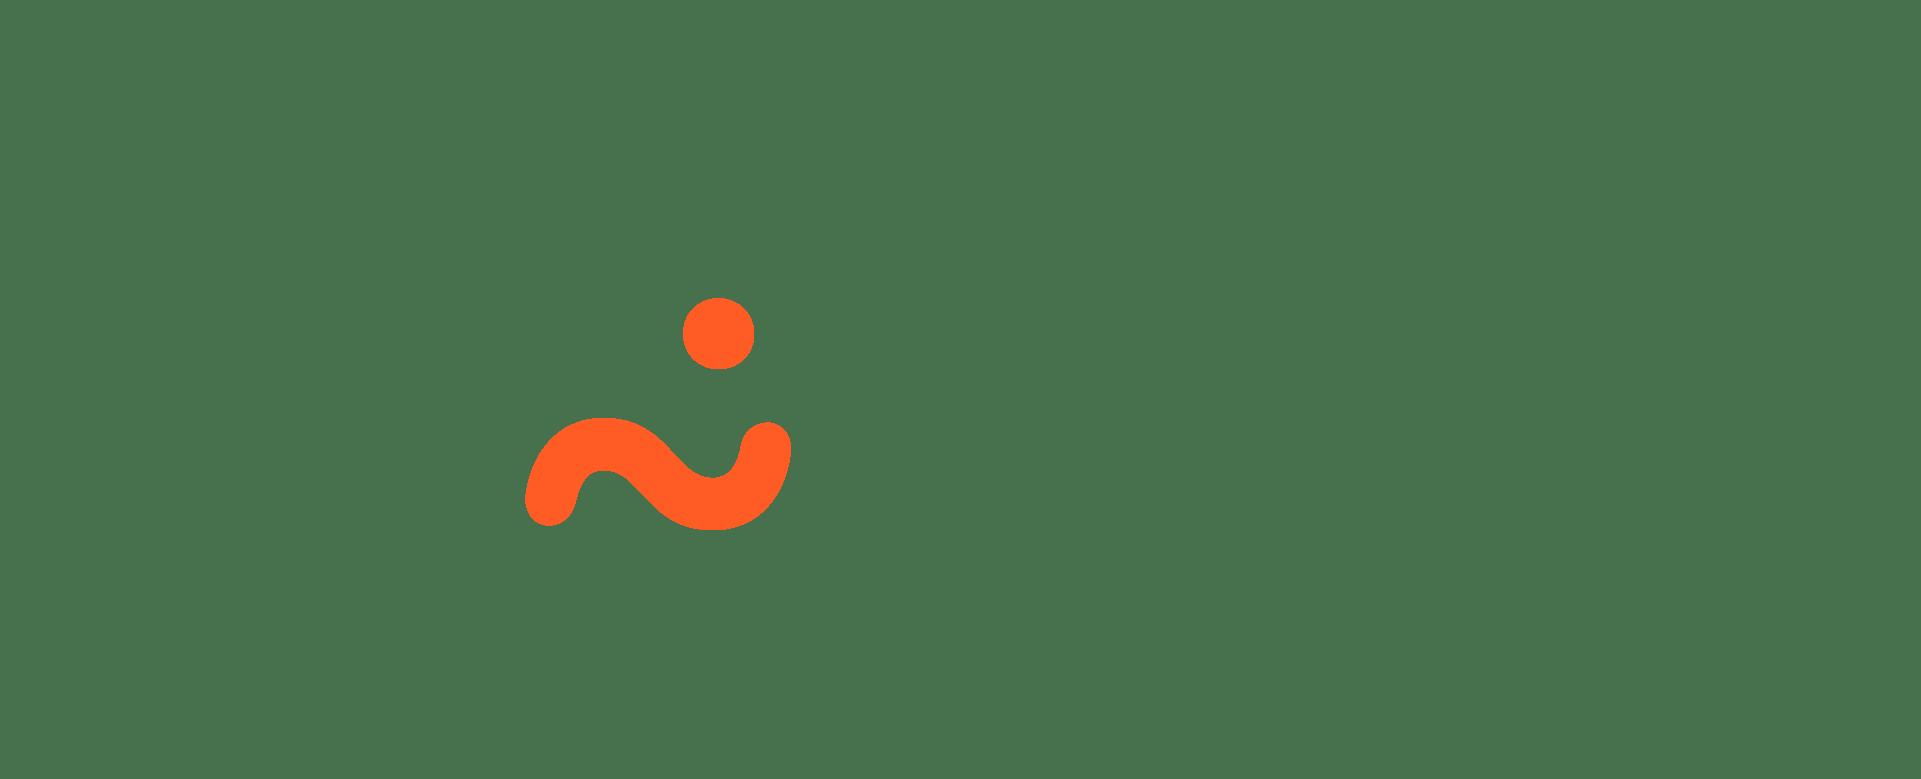 vipps-rgb-kun-emoji-oransje-15.png